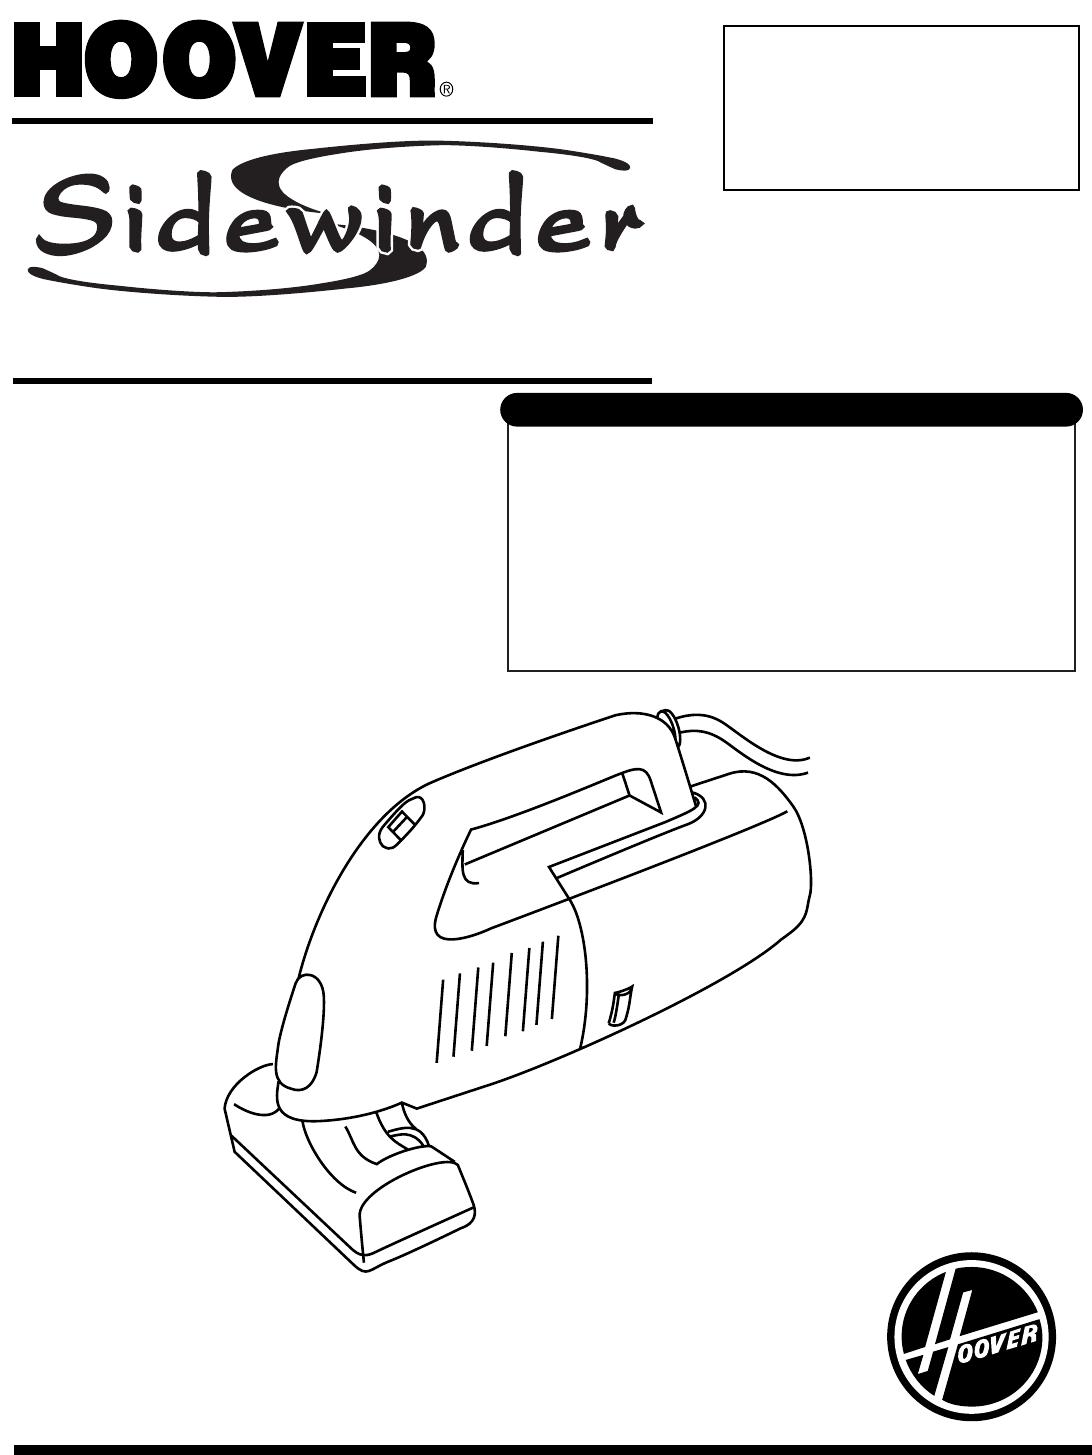 Hoover Vacuum Cleaner Sidewinder User Guide